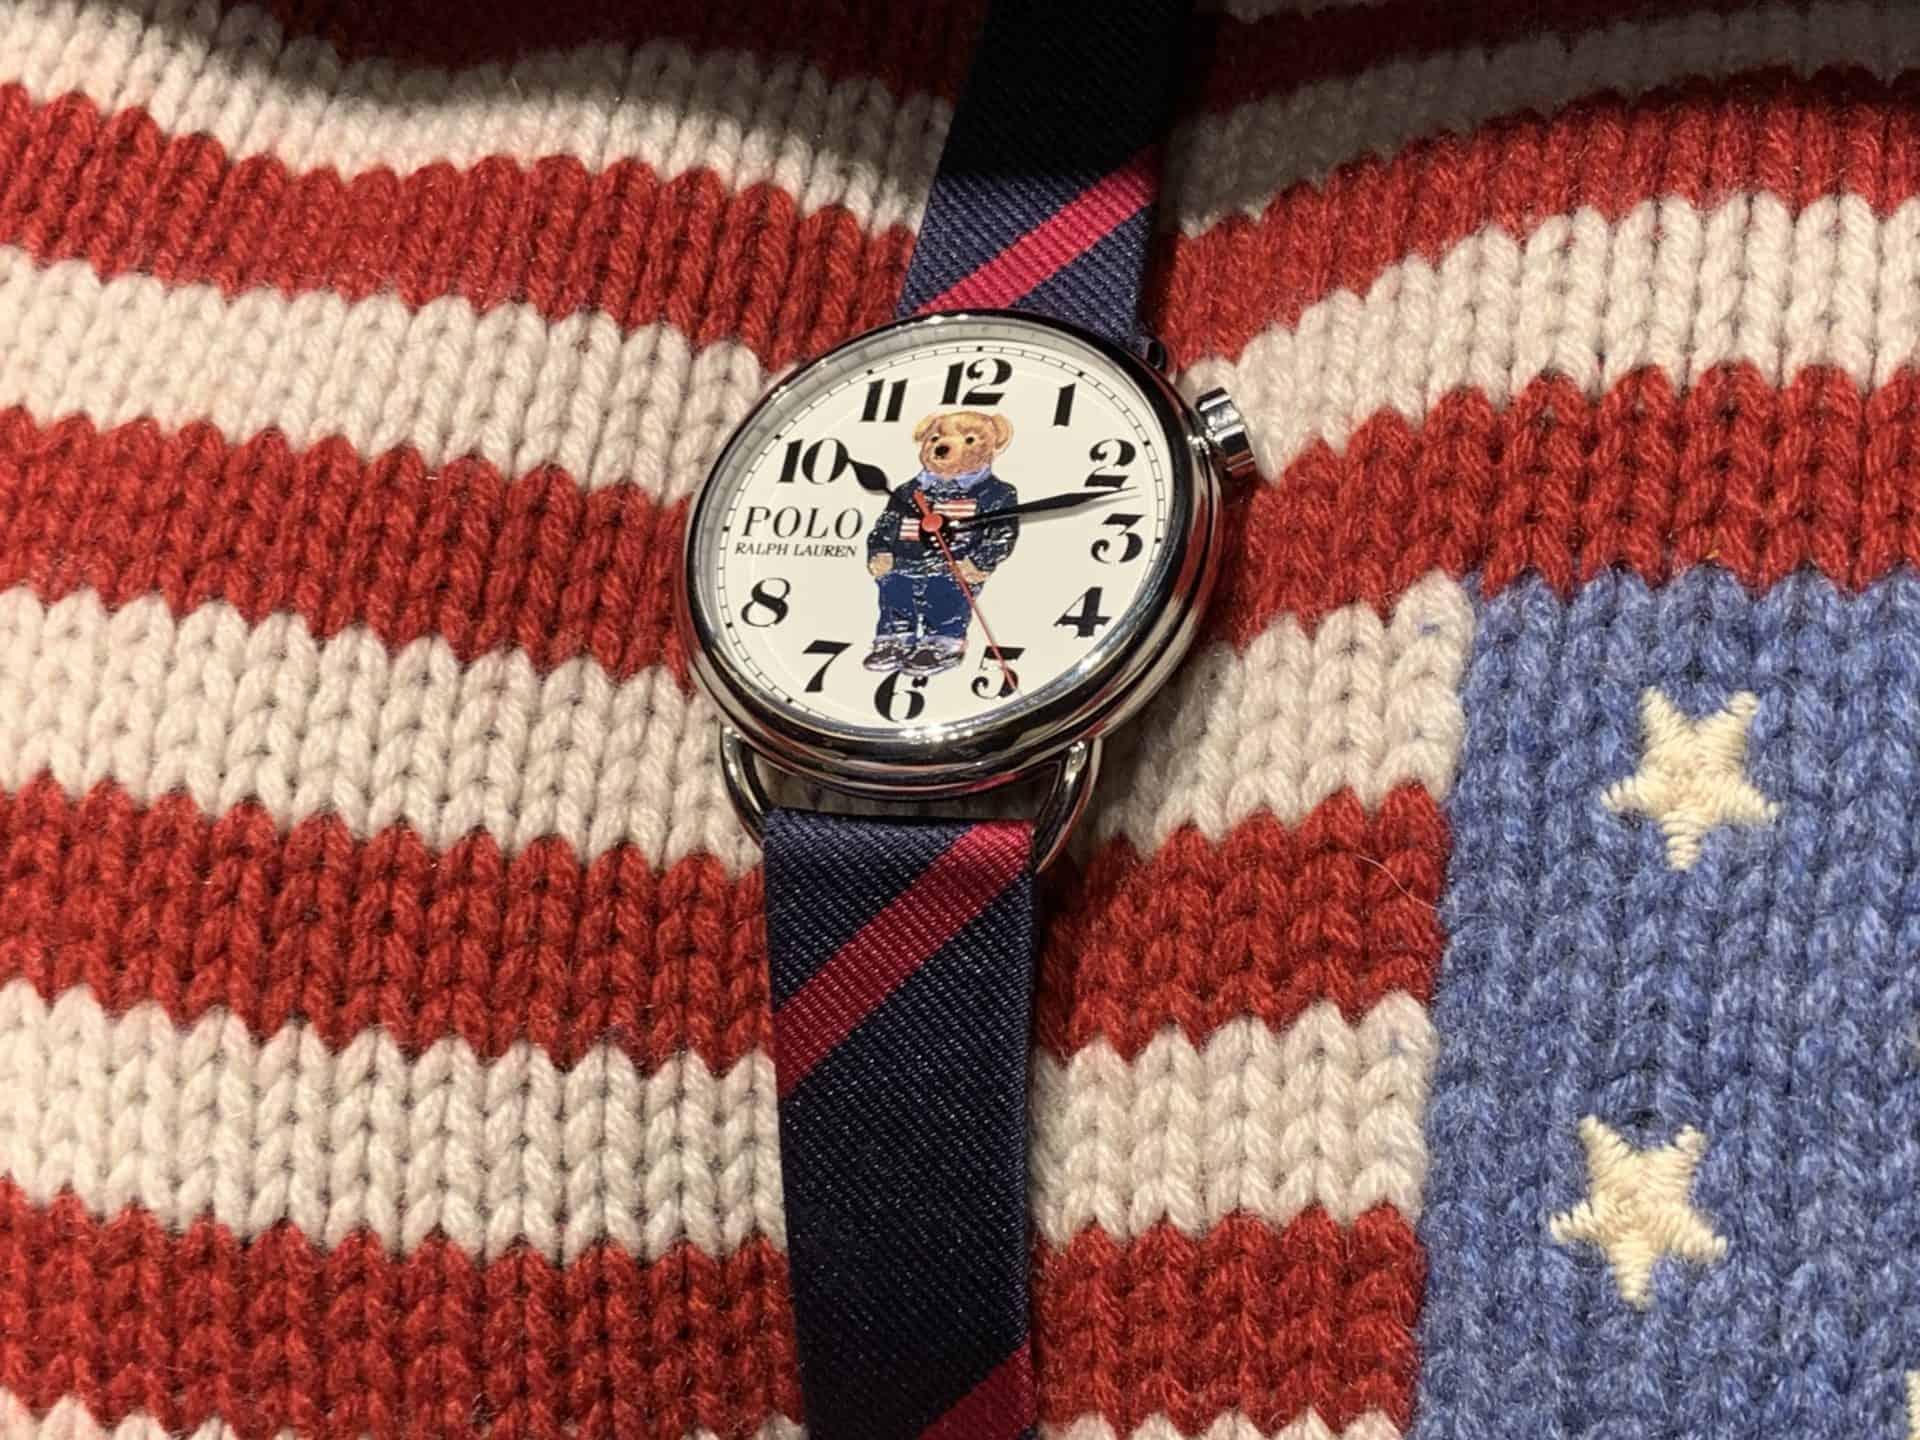 Das Flag Bear Uhrenmodell von Polo Ralph Lauren